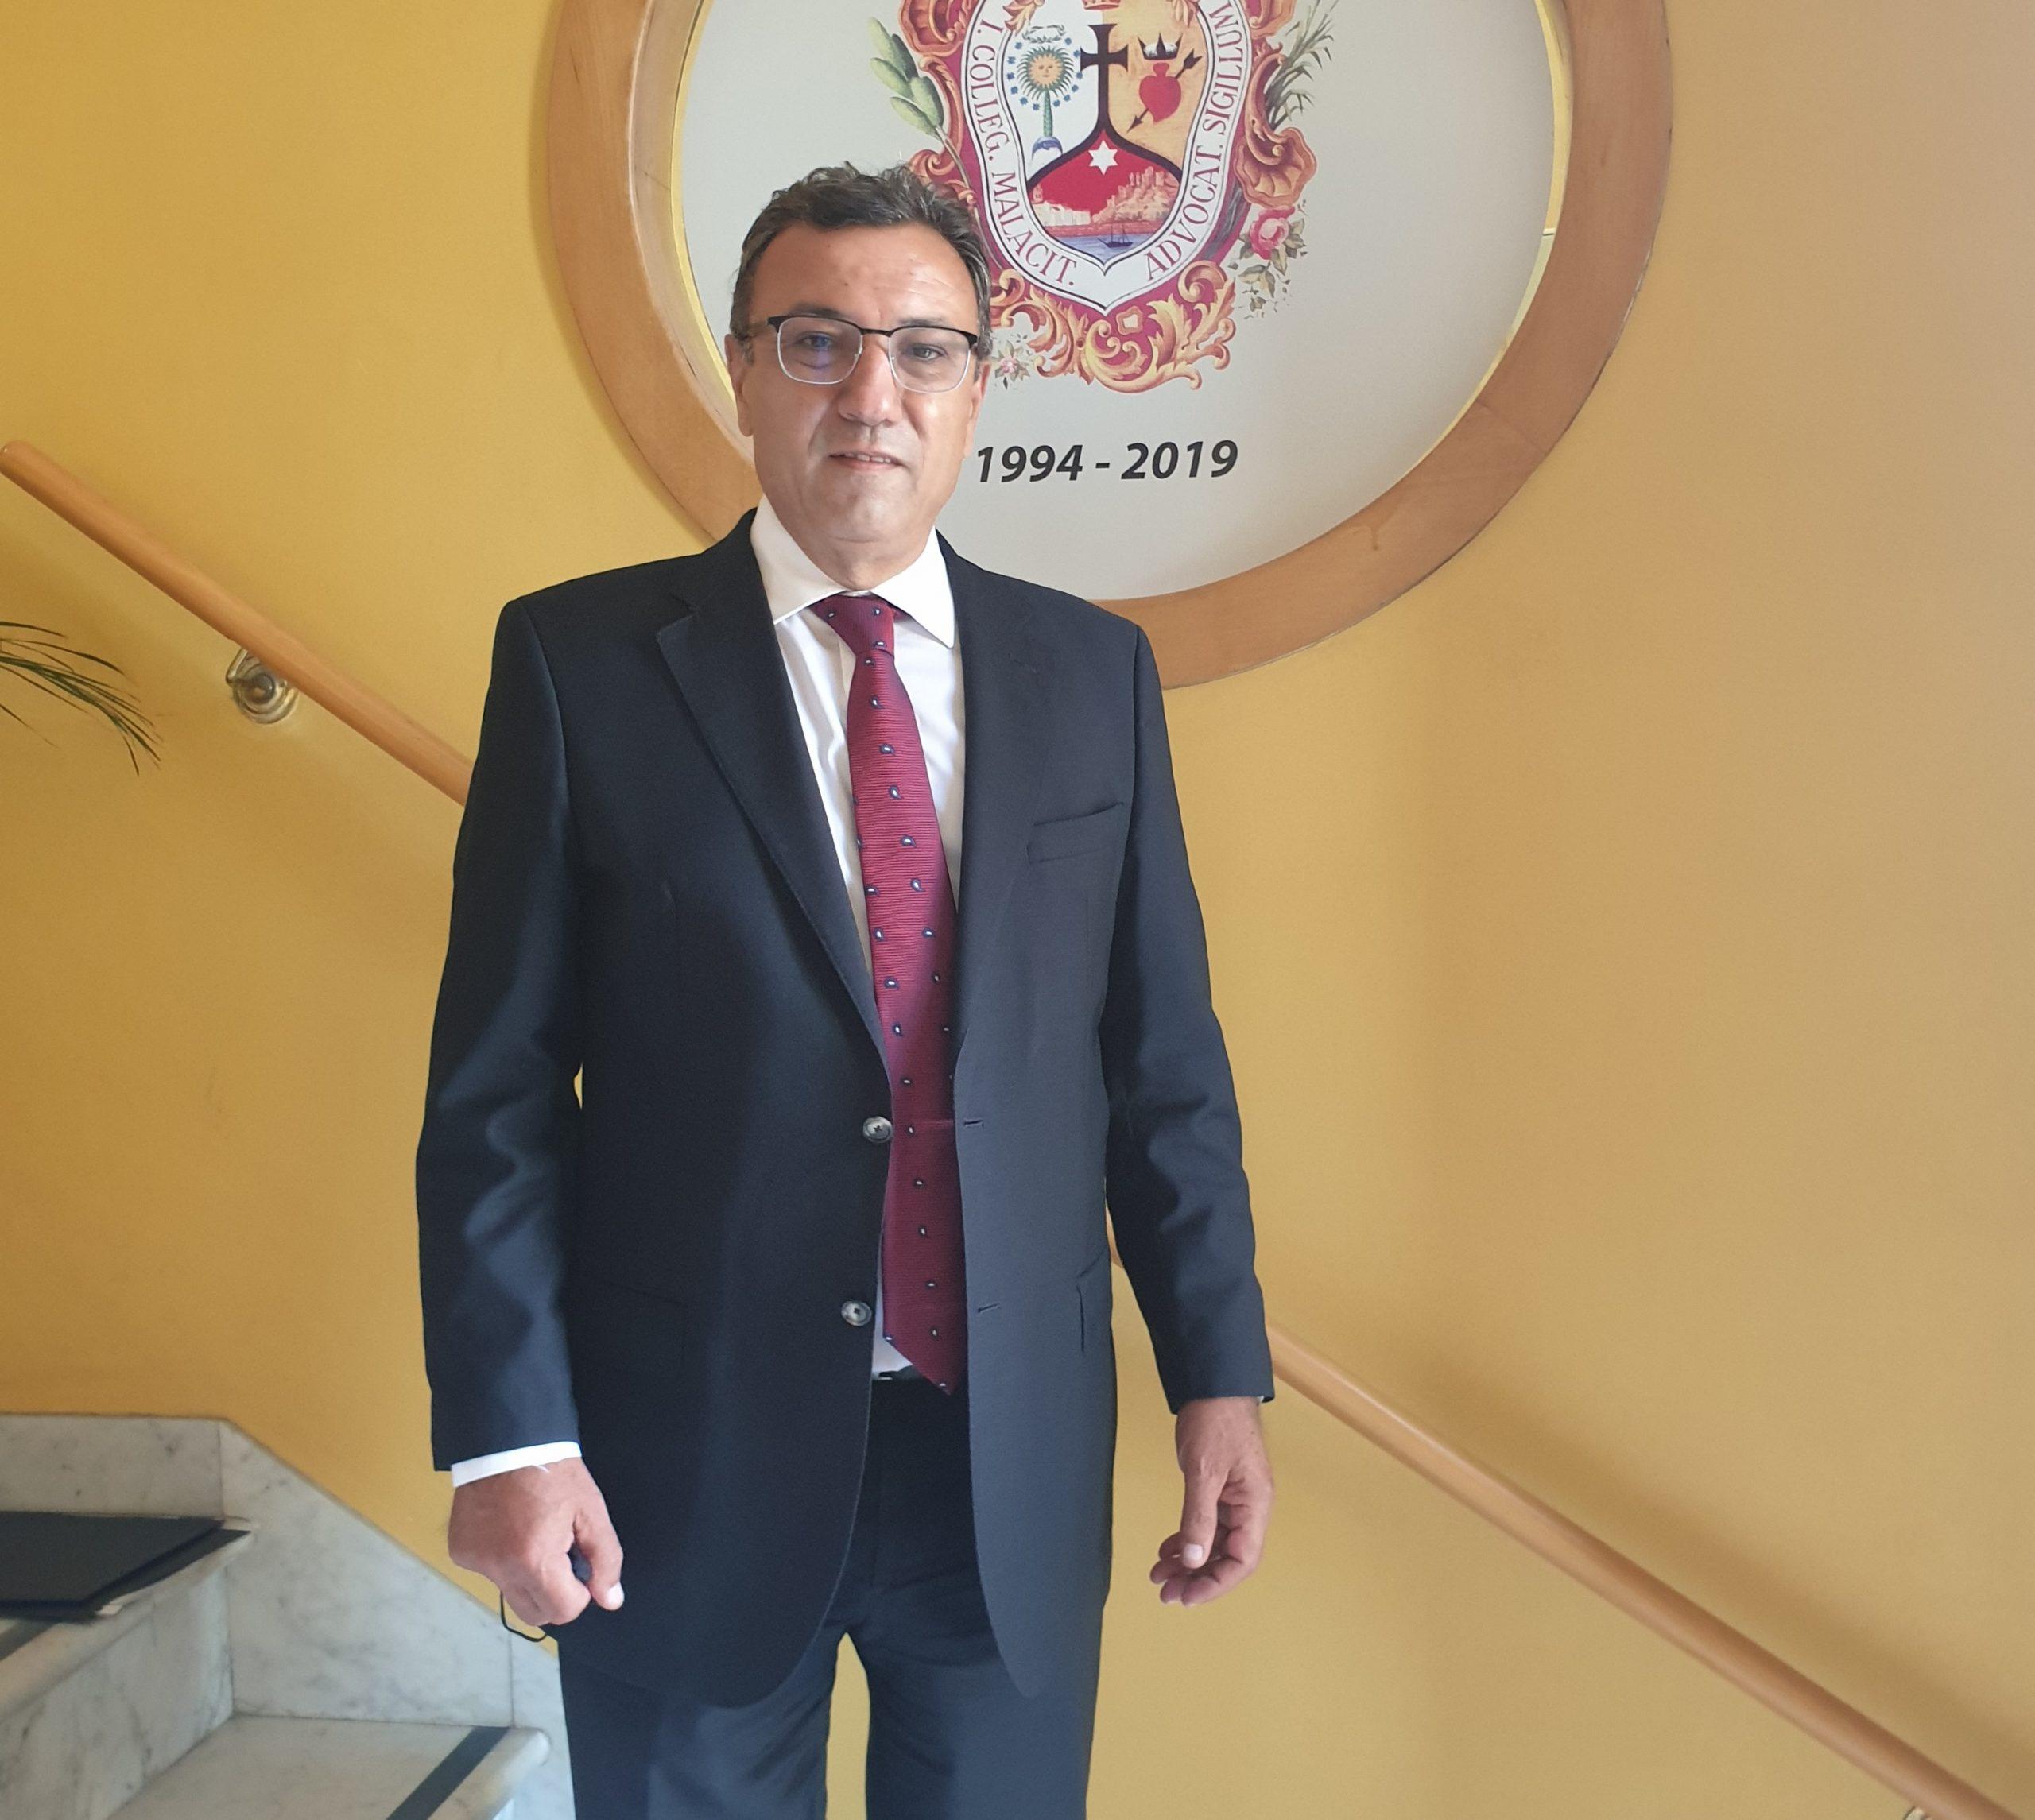 JOSE MANUEL CONEJO RUIZ Candidato a Decano del Colegio de Abogados de Málaga en las próximas elecciones que se celebrarán el día 28 de octubre próximo